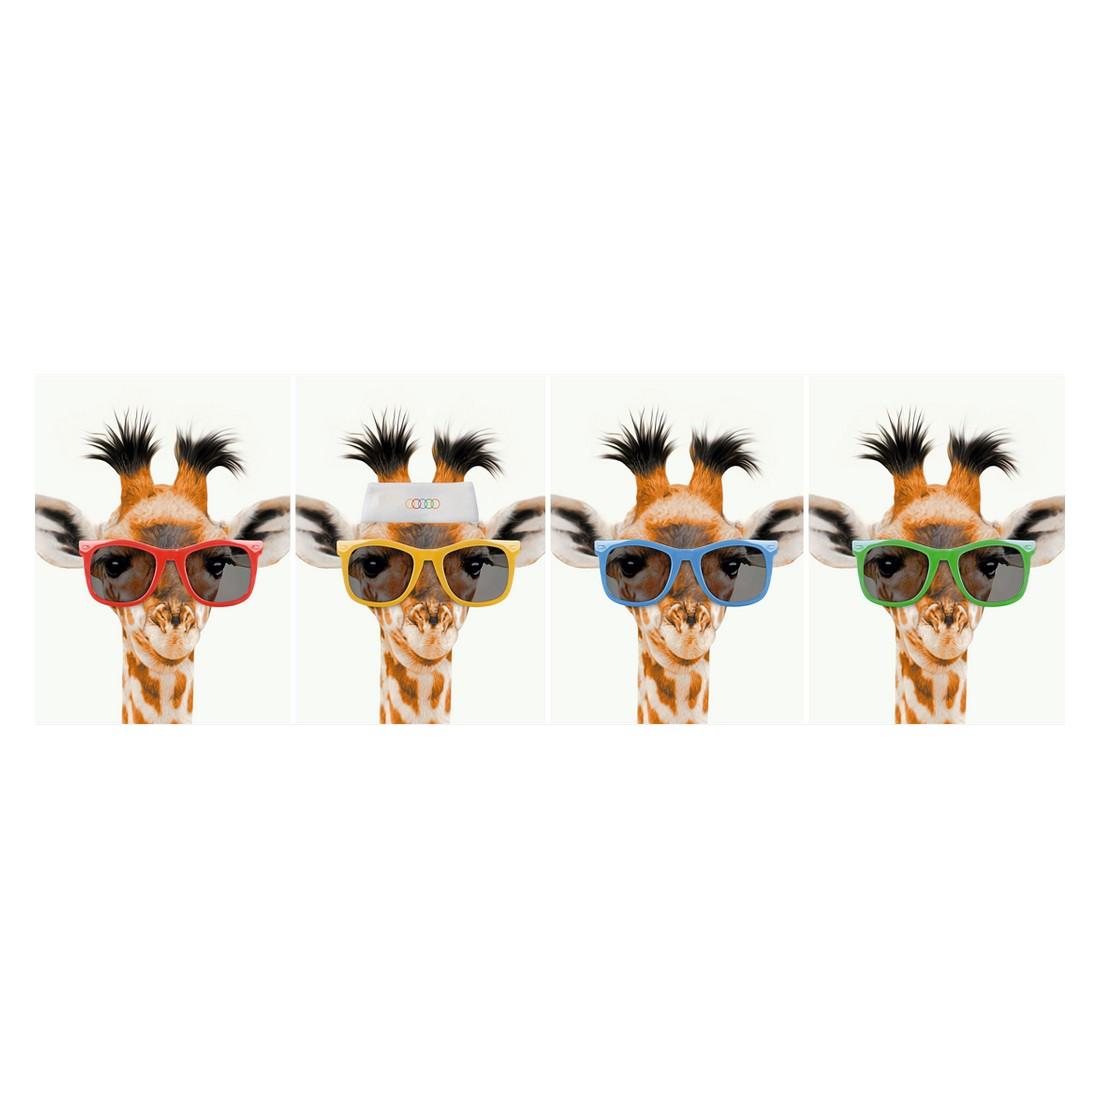 Deco Block Giraffe Sonnenbrillen, Reinders online kaufen